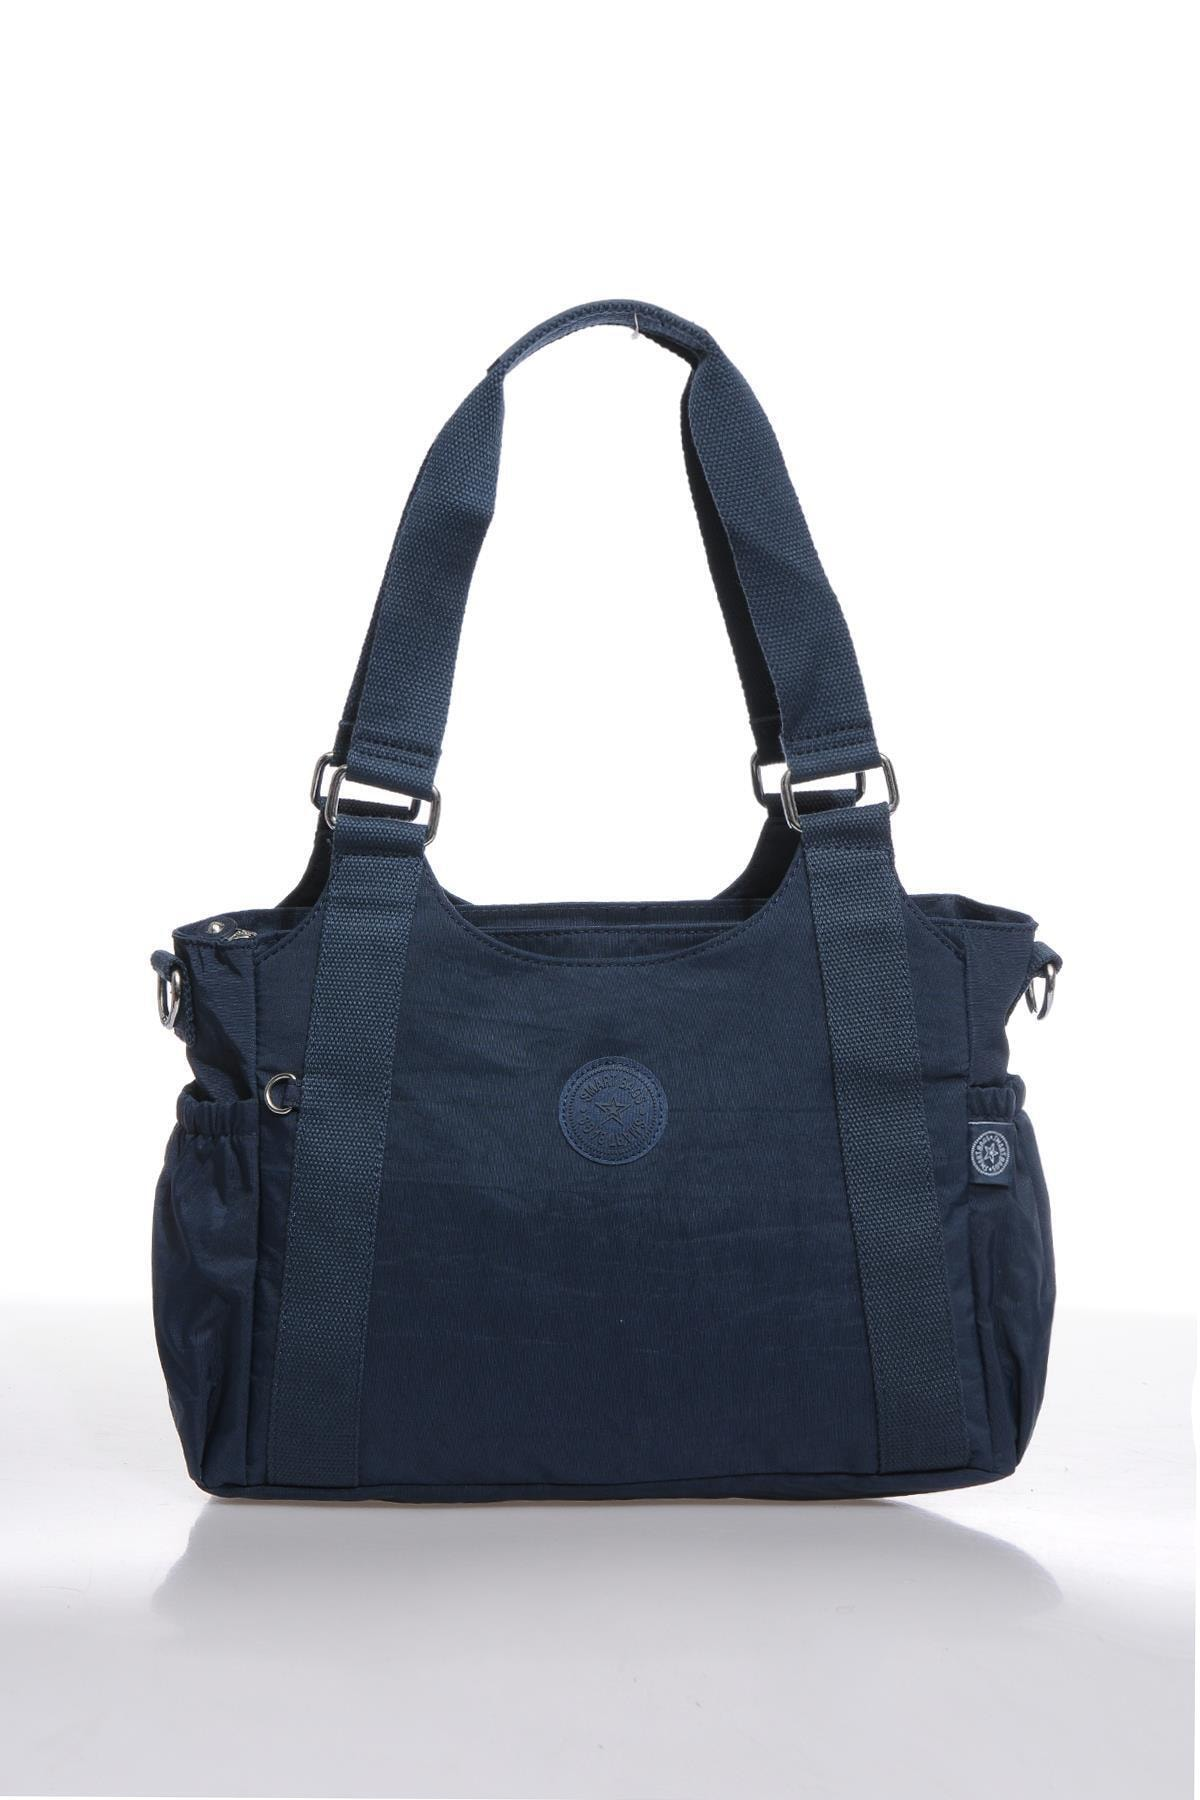 SMART BAGS Kadın Lacivert Omuz Çantası Smbk1163-0033 1